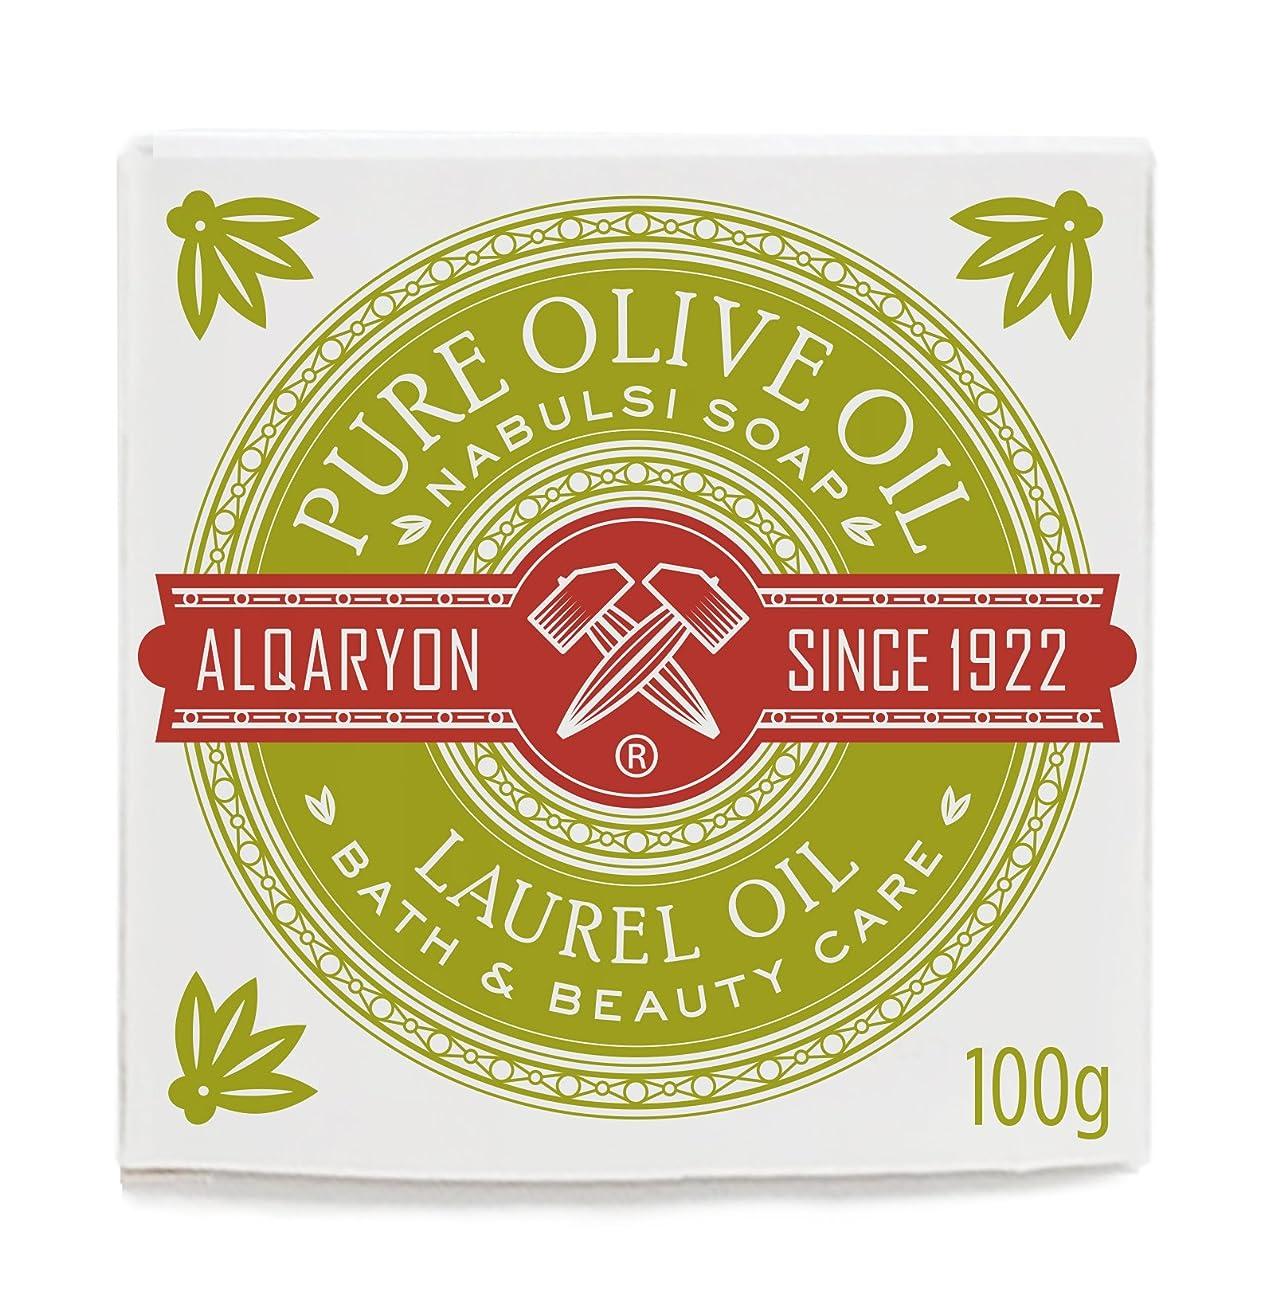 引退した郵便局愛情Alqaryon Laurel Oil & Olive Oil Bar Soap Pack of 4 - AlqaryonのローレルオイルI&オリーブオイル ソープ、バス & ビューティー ケア、100gの石鹸4個のパック